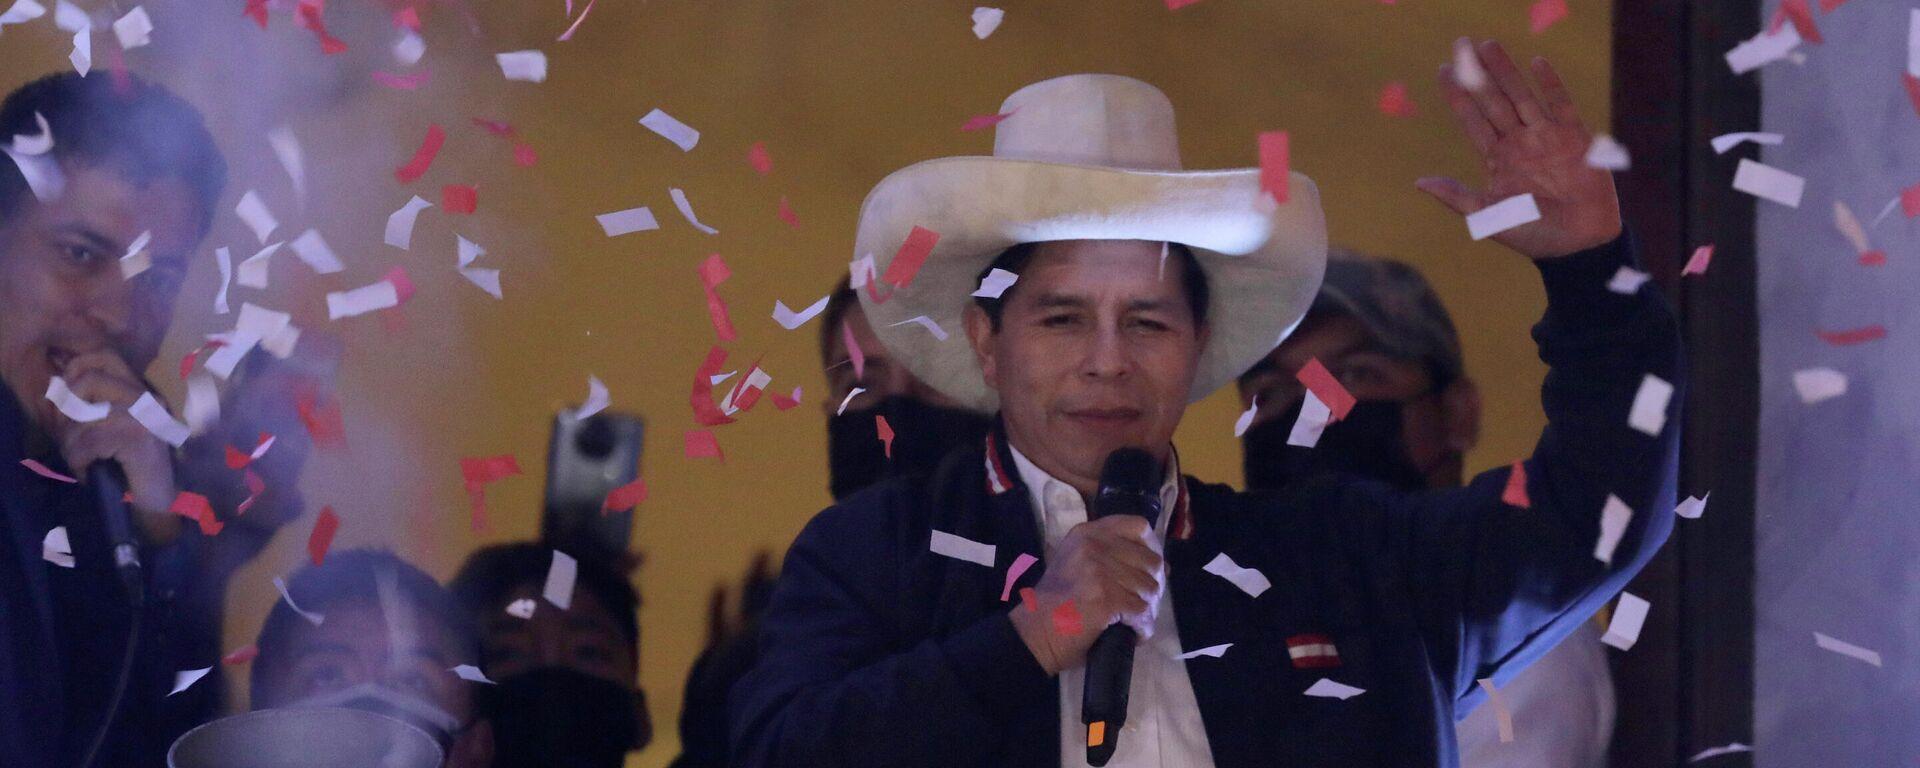 El presidente electo de Perú, Pedro Castillo, celebra su triunfo electoral - Sputnik Mundo, 1920, 05.10.2021